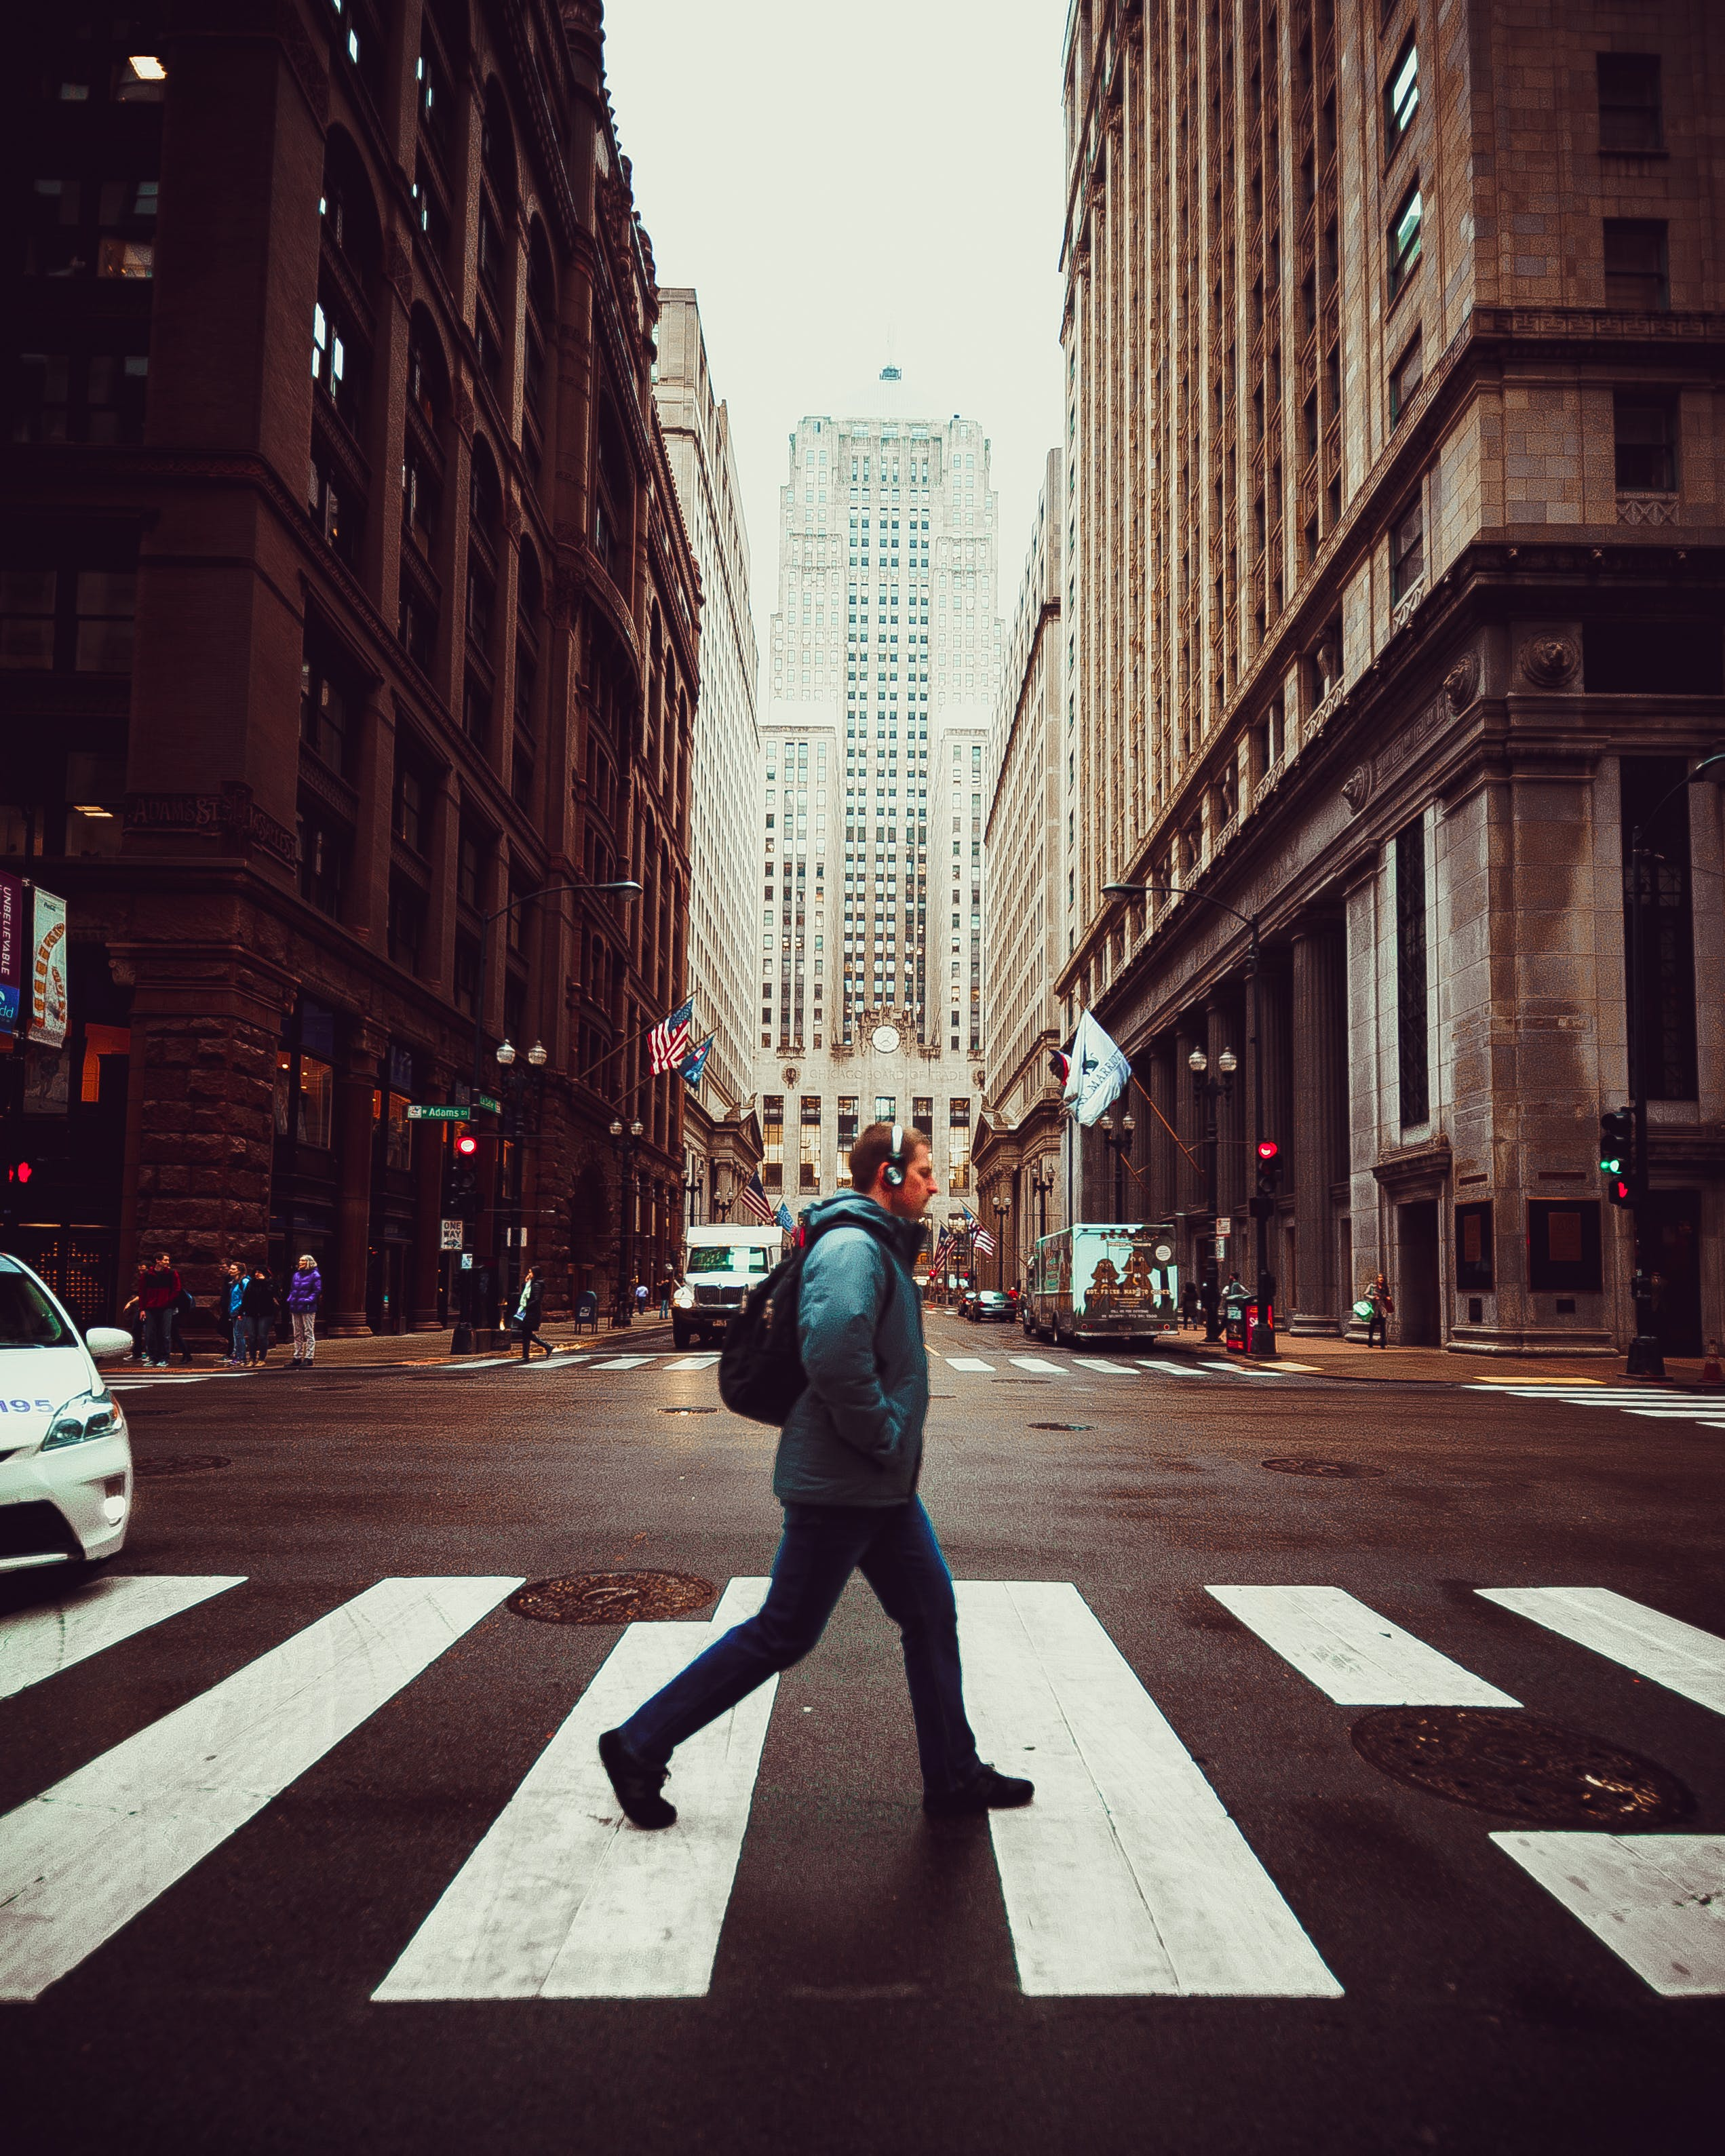 Kostnadsfri bild av byggnader, fotgängare, gångväg, gata